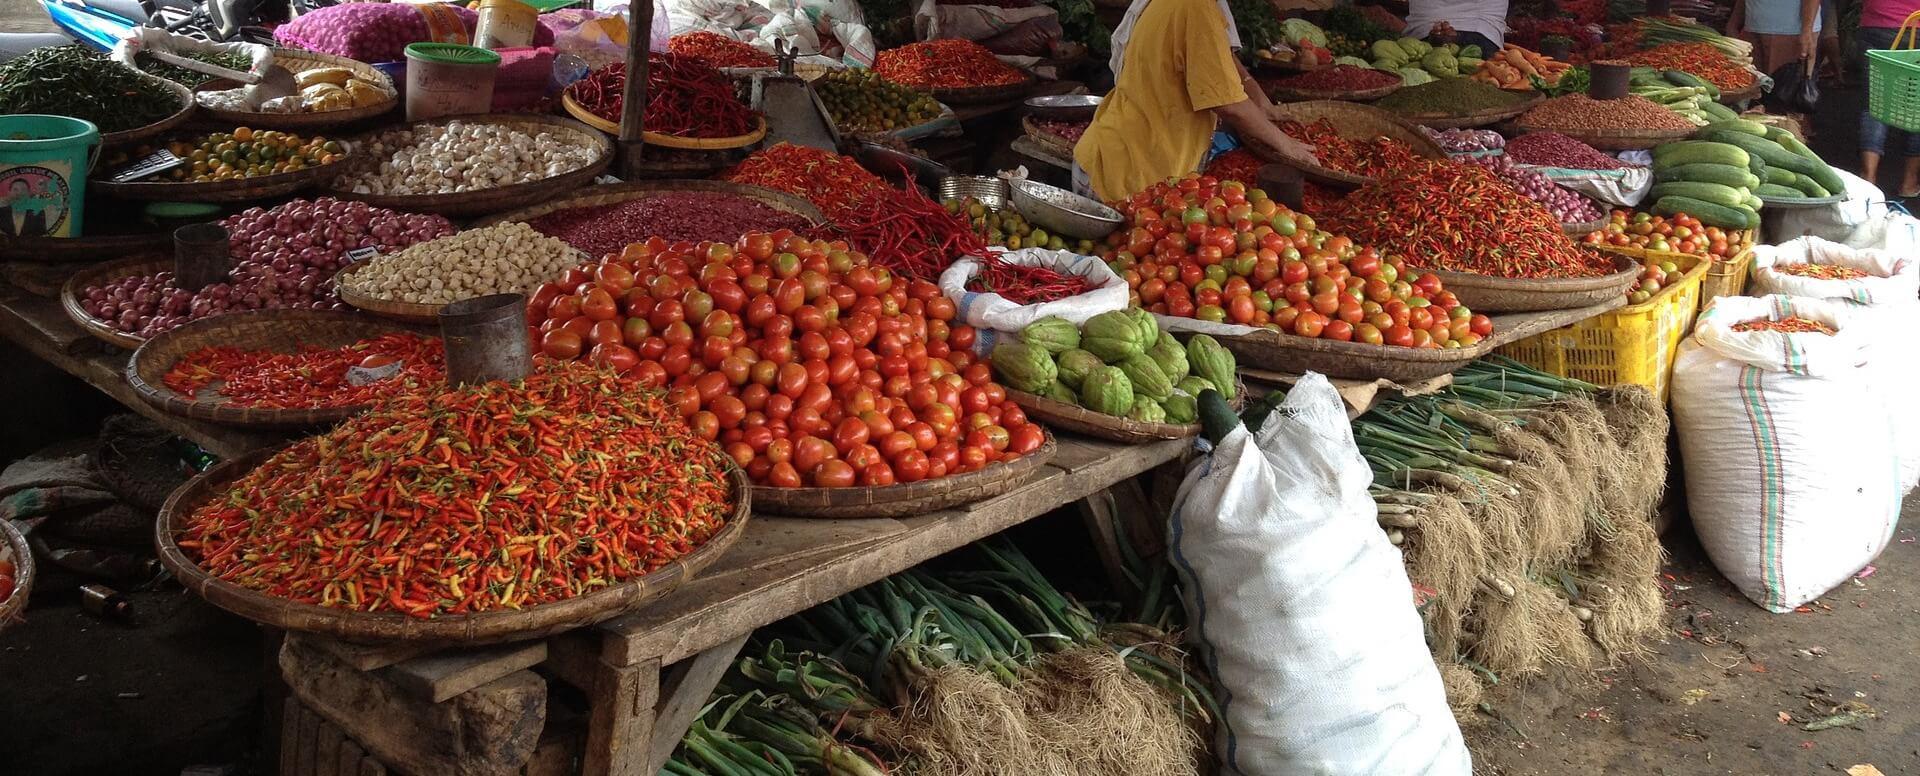 La gastronomie en Indonésie - Indonésie